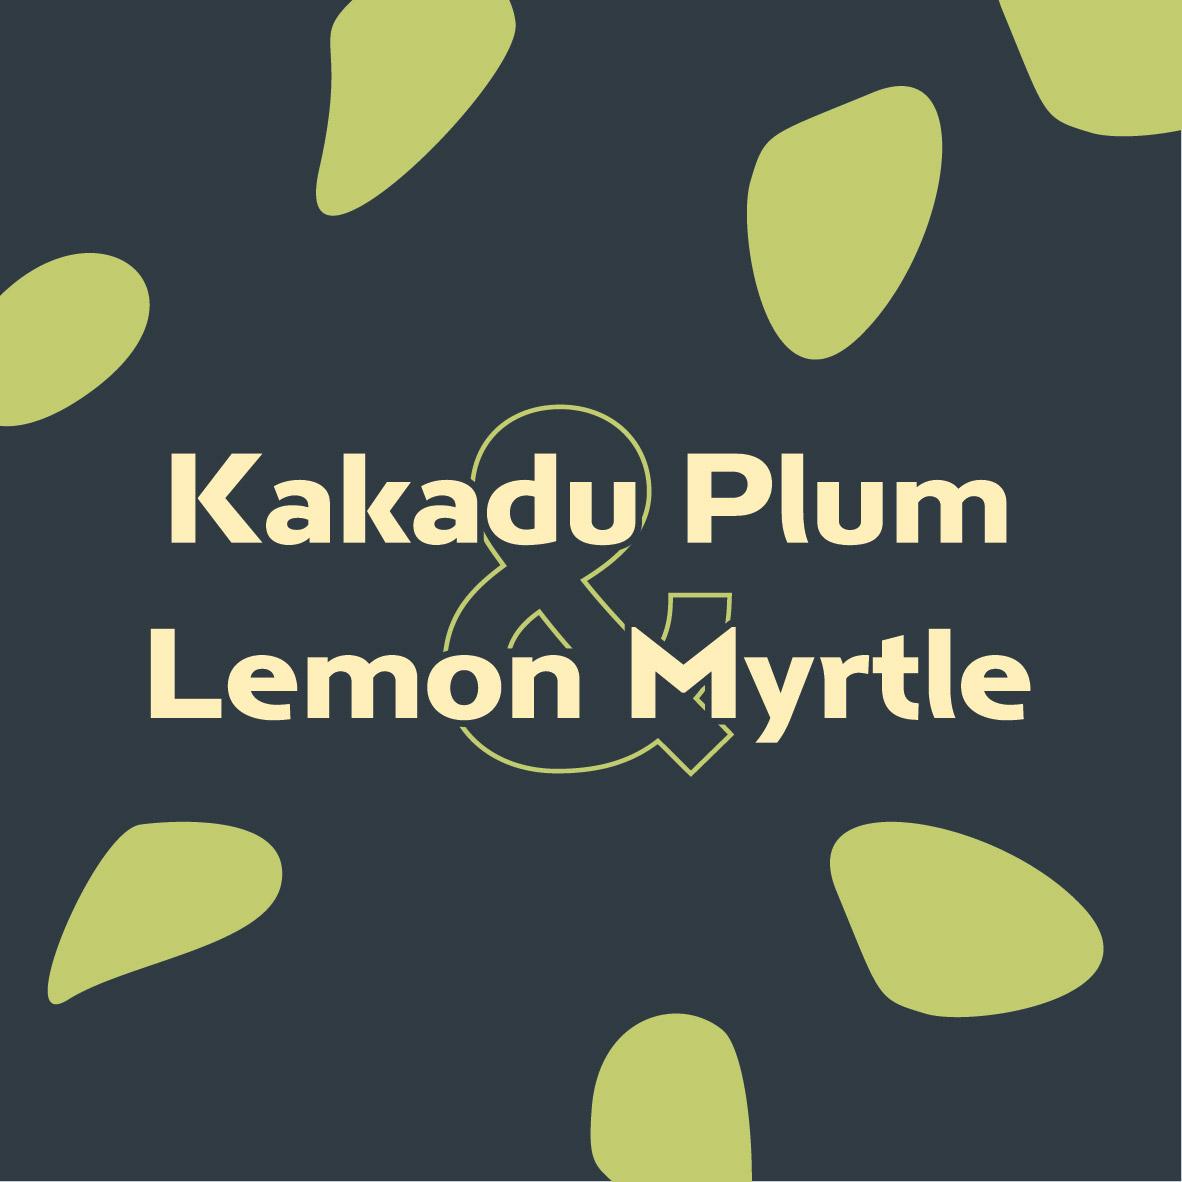 KAKADU PLUM & LEMON MYRTLE